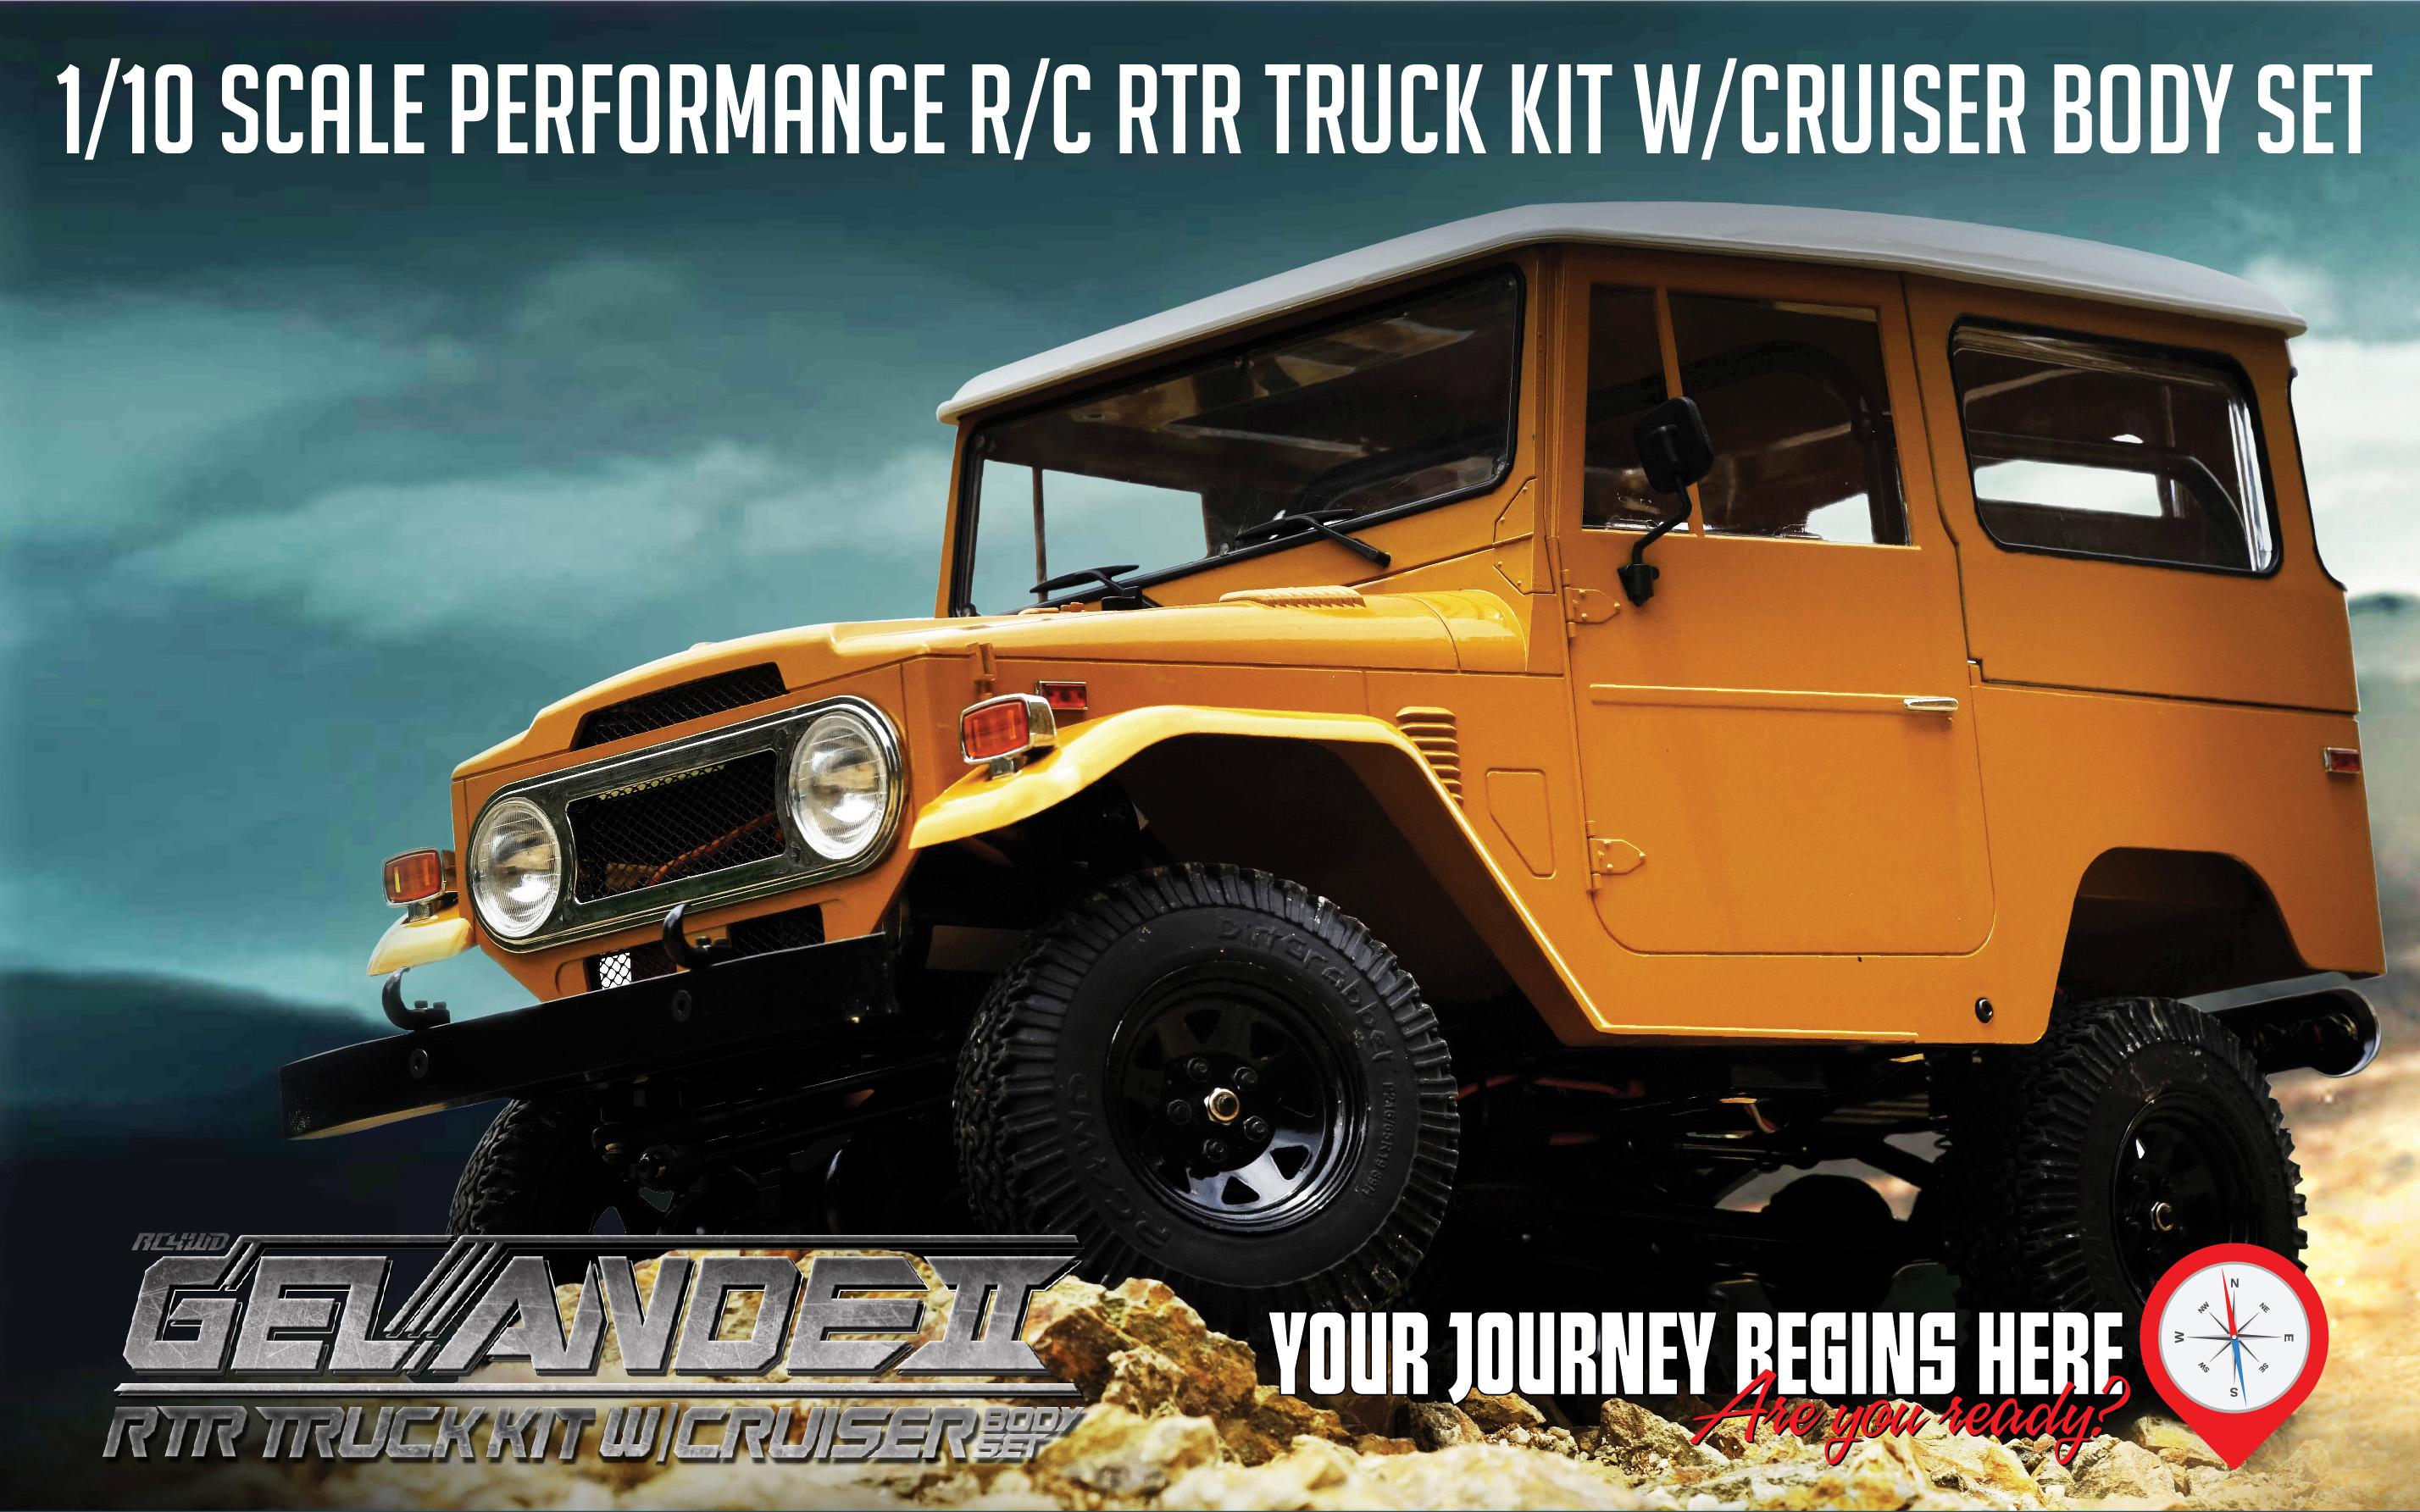 RC4WD Gelande II RTR Truck Kit w/Cruiser Body Set